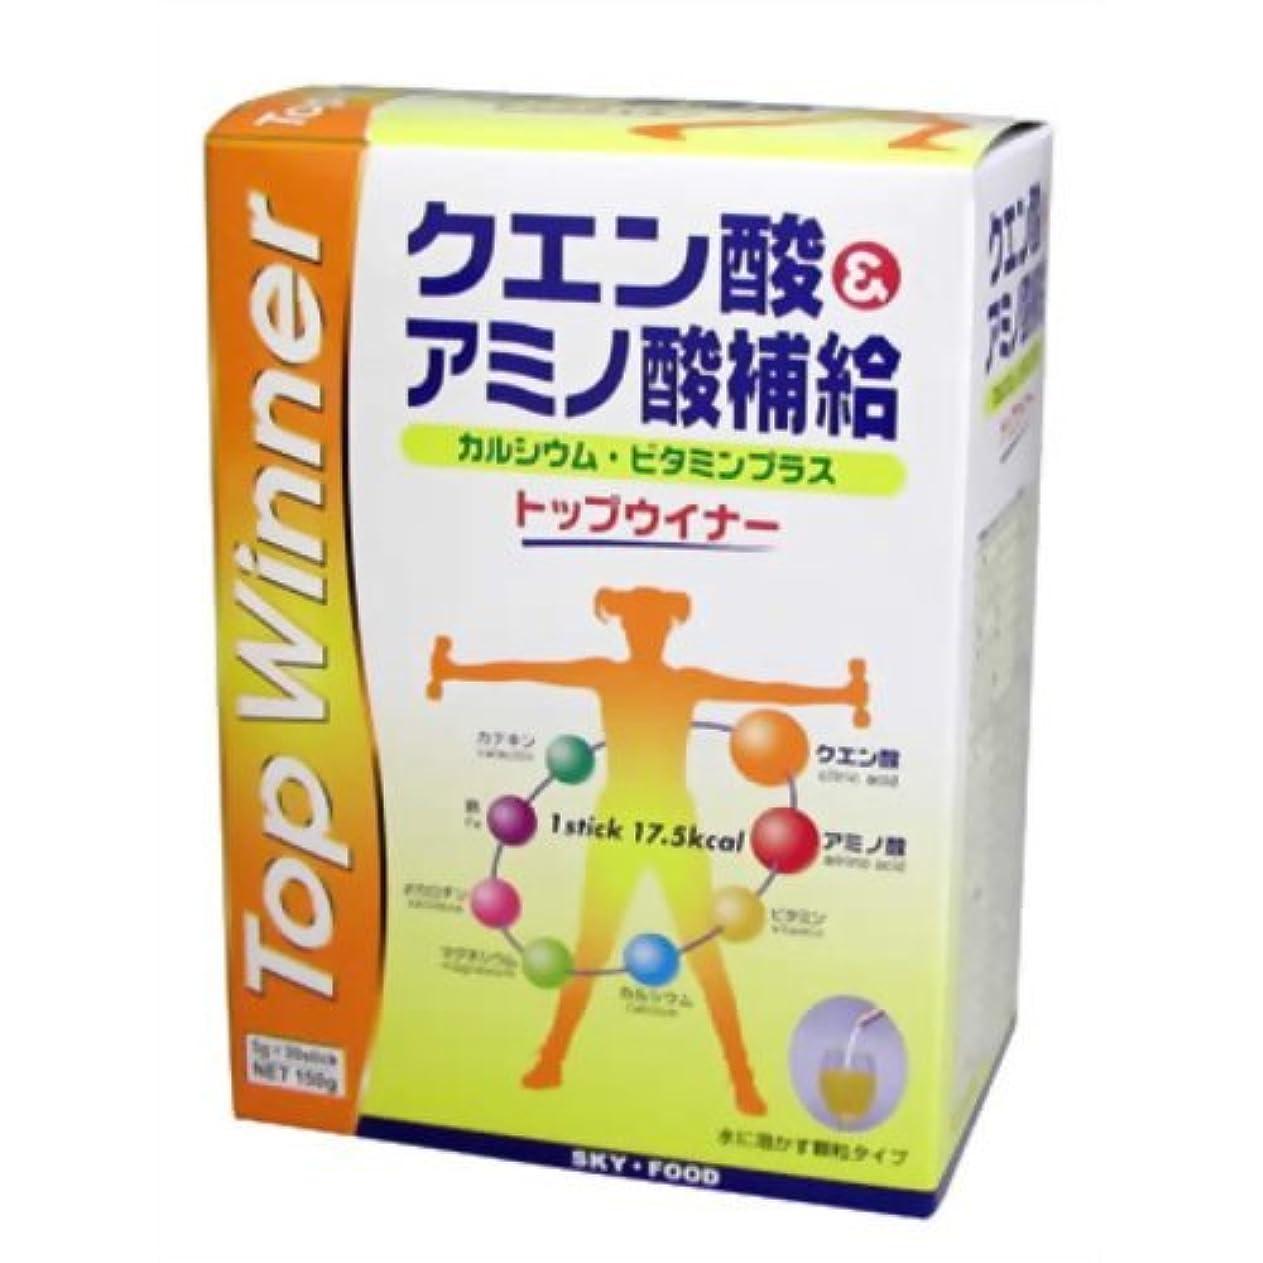 ローラークラシック手を差し伸べるクエン酸&アミノ酸補給 トップウィナー 5g×30袋